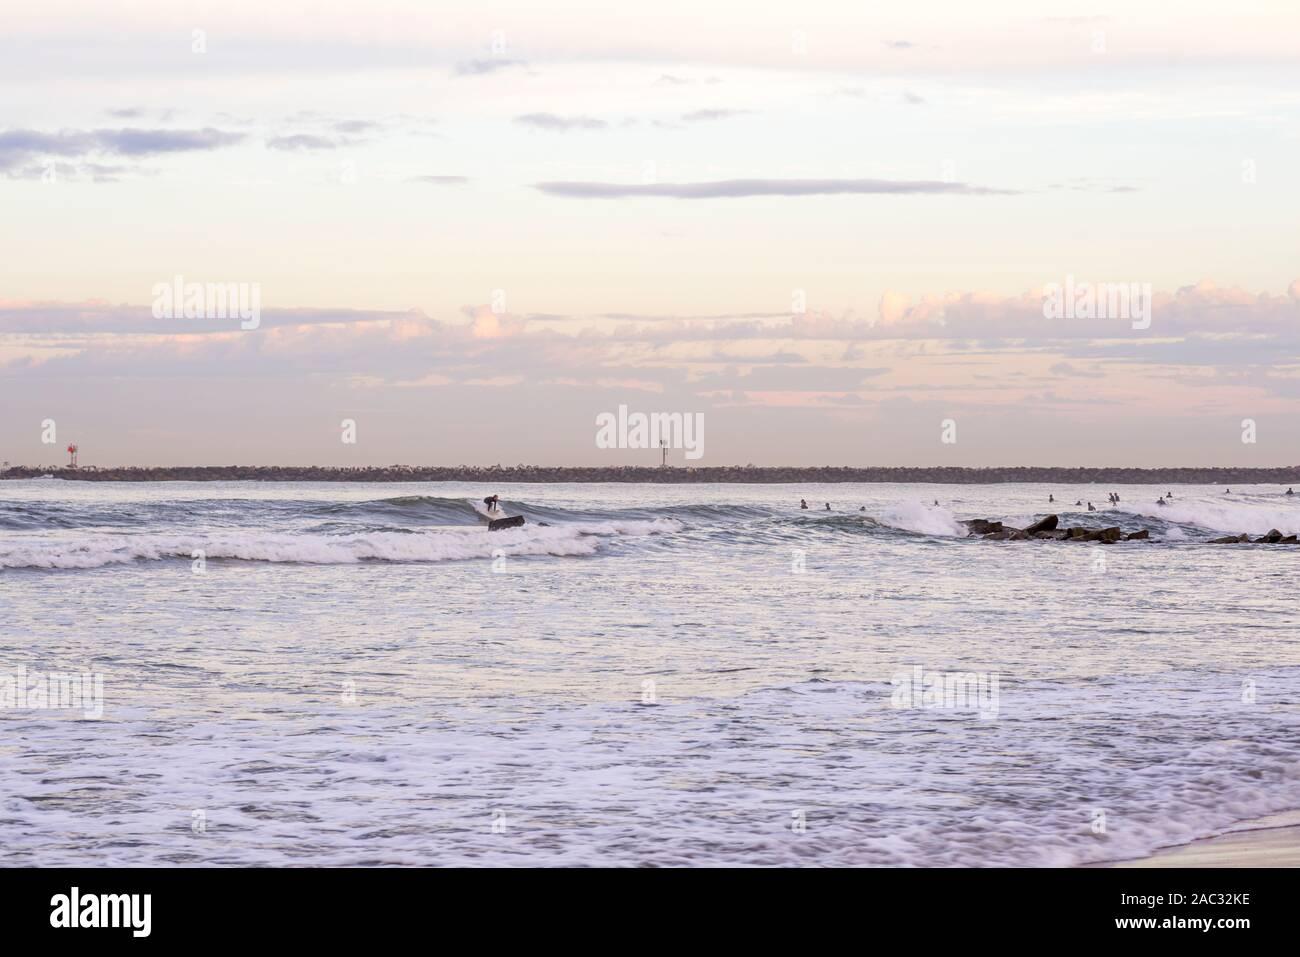 Escena costera en una mañana de otoño. San Diego, California, USA. Fotografiado en Ocean Beach. Foto de stock